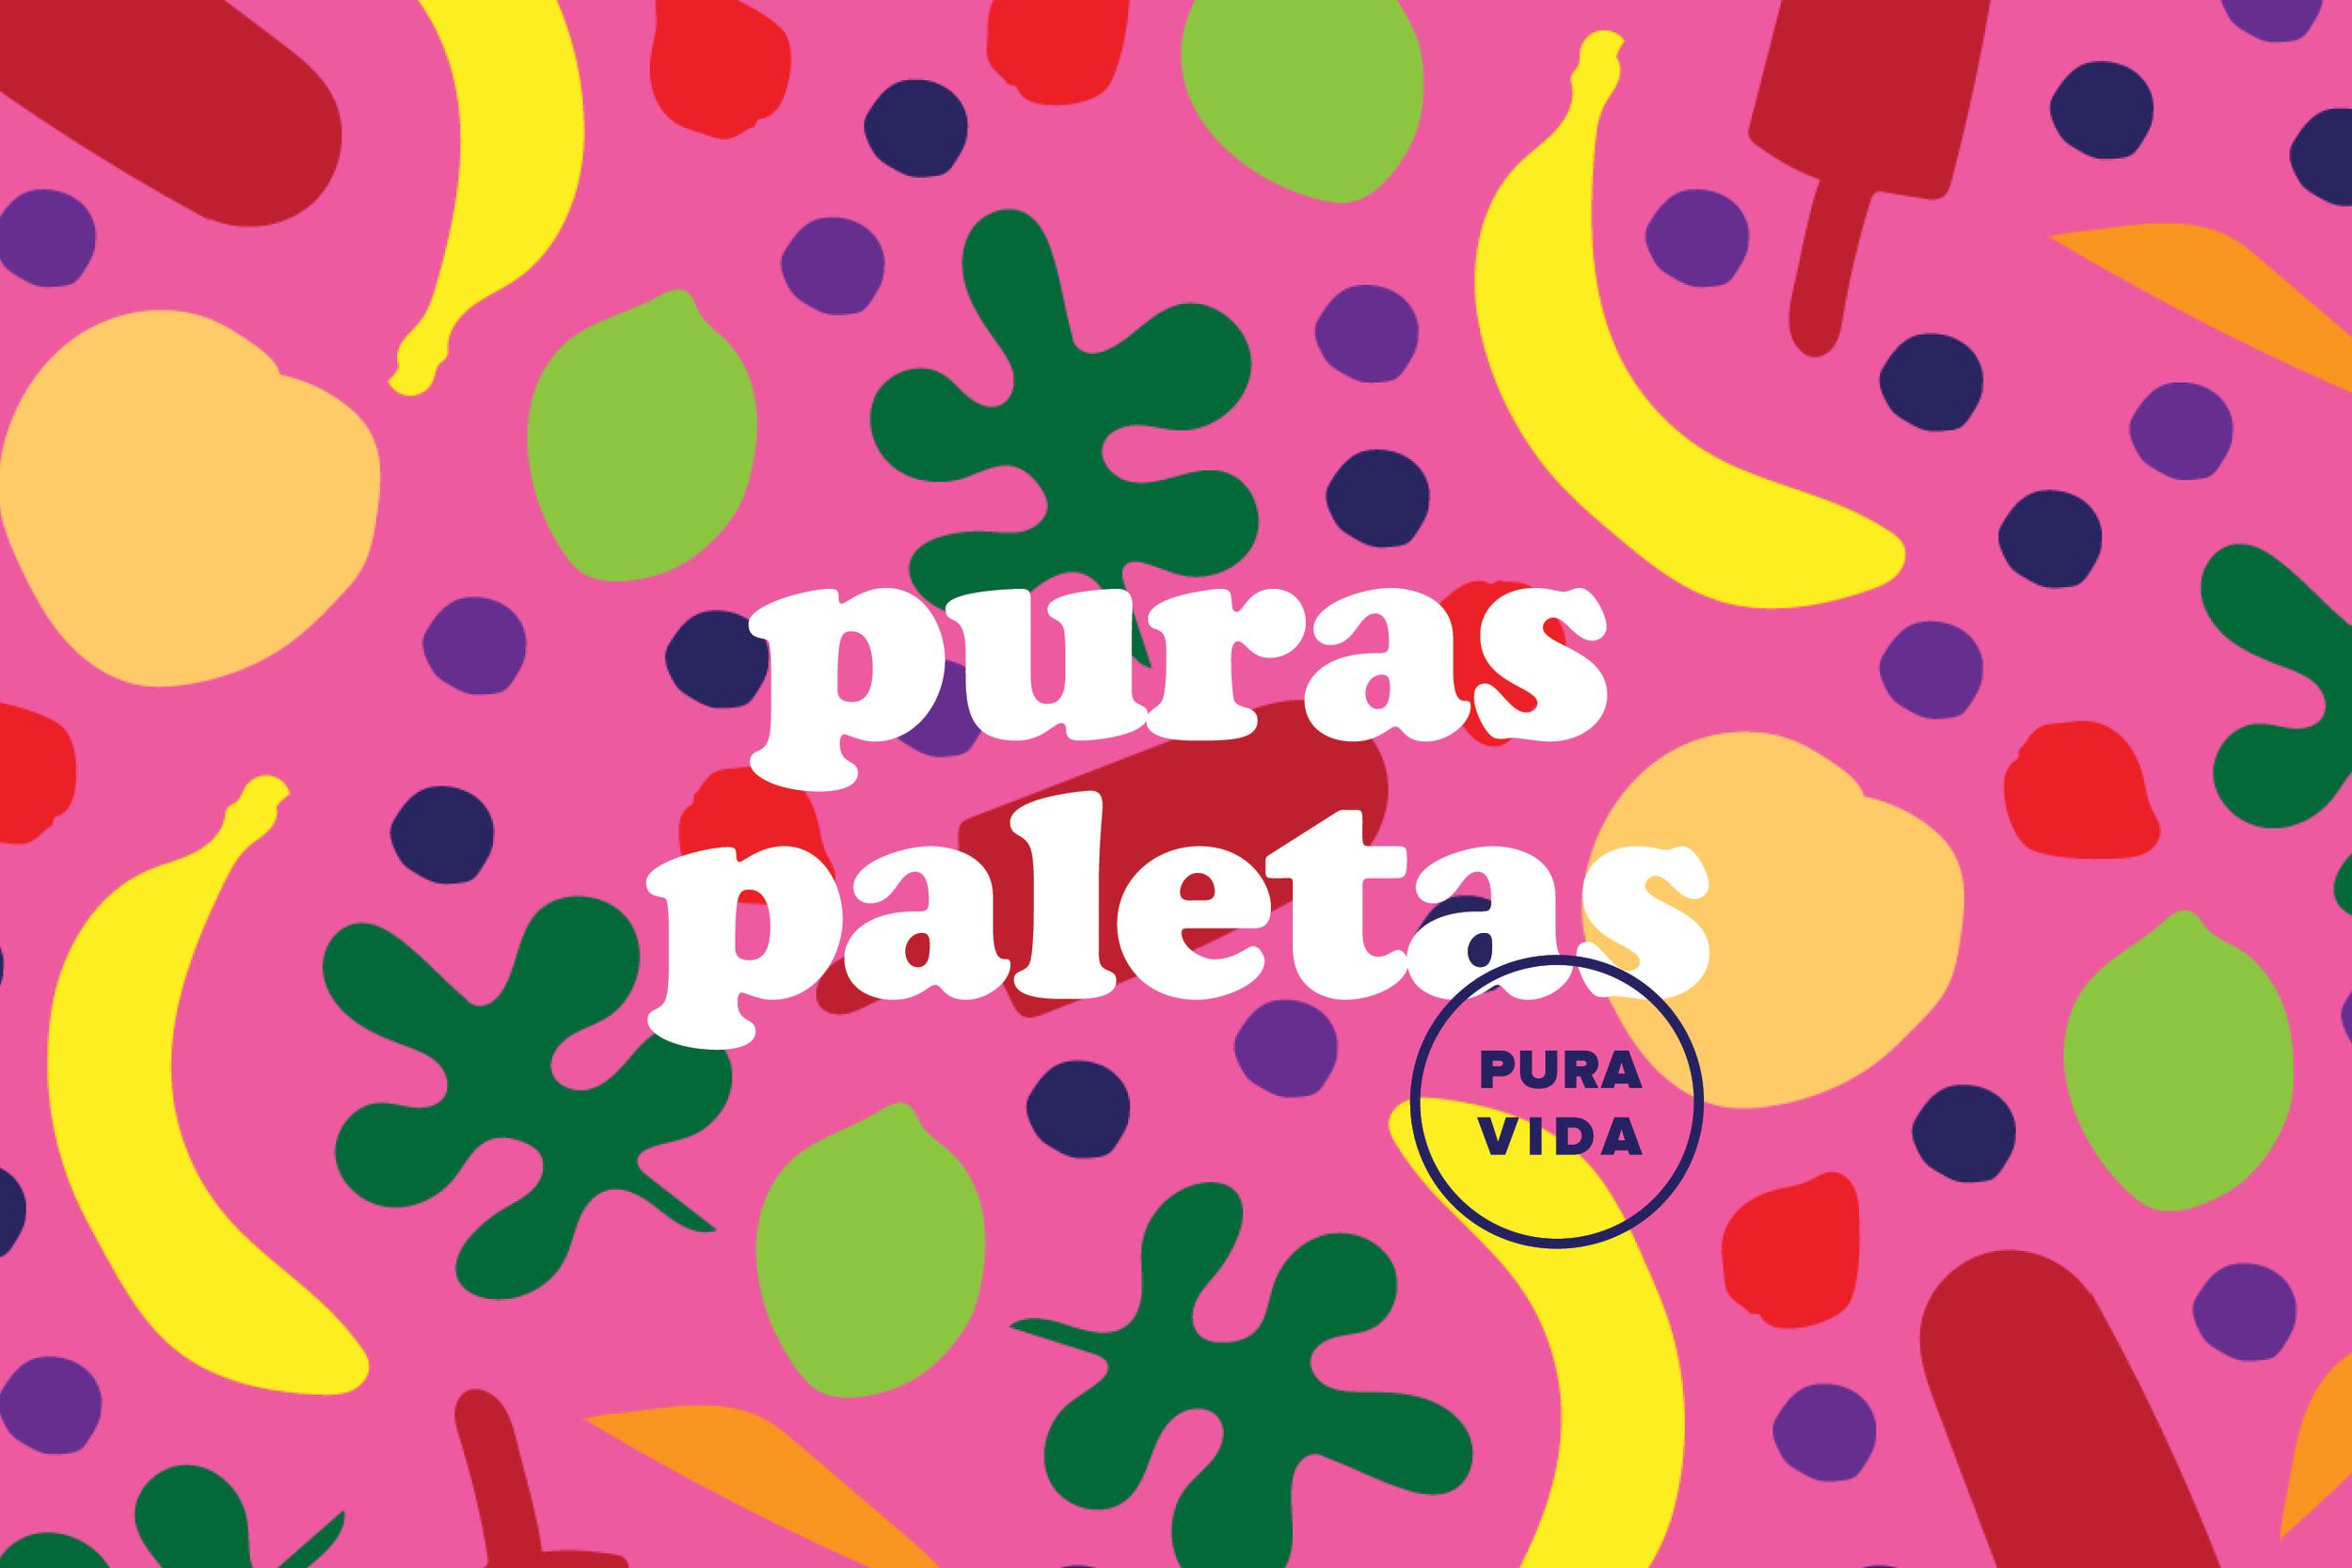 Puras_Paletas_CS_P12.png